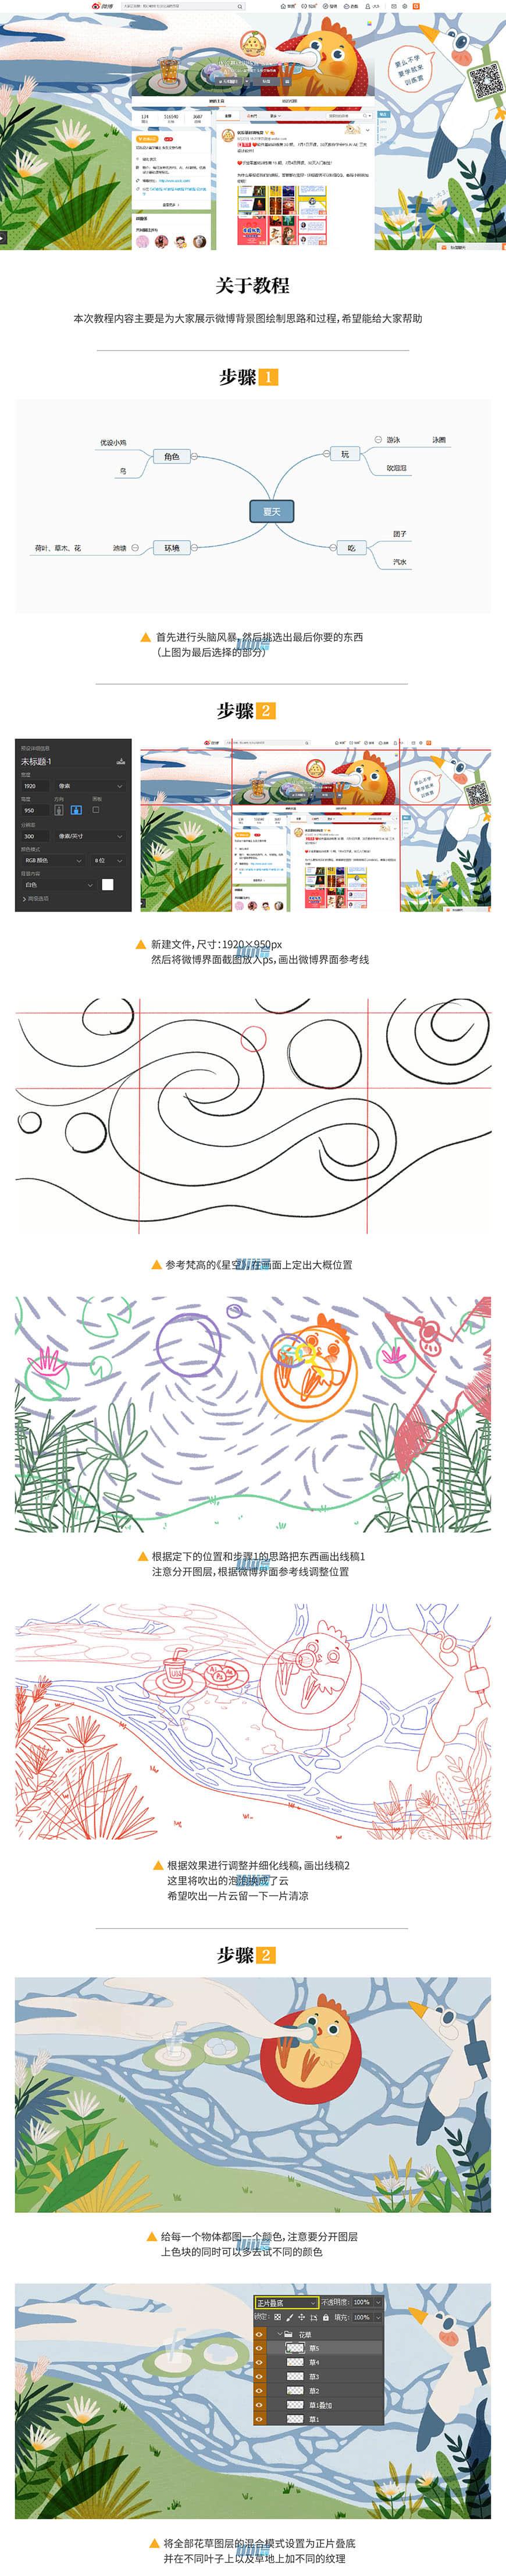 手绘教程!详细步骤教你绘制微博无缝背景图